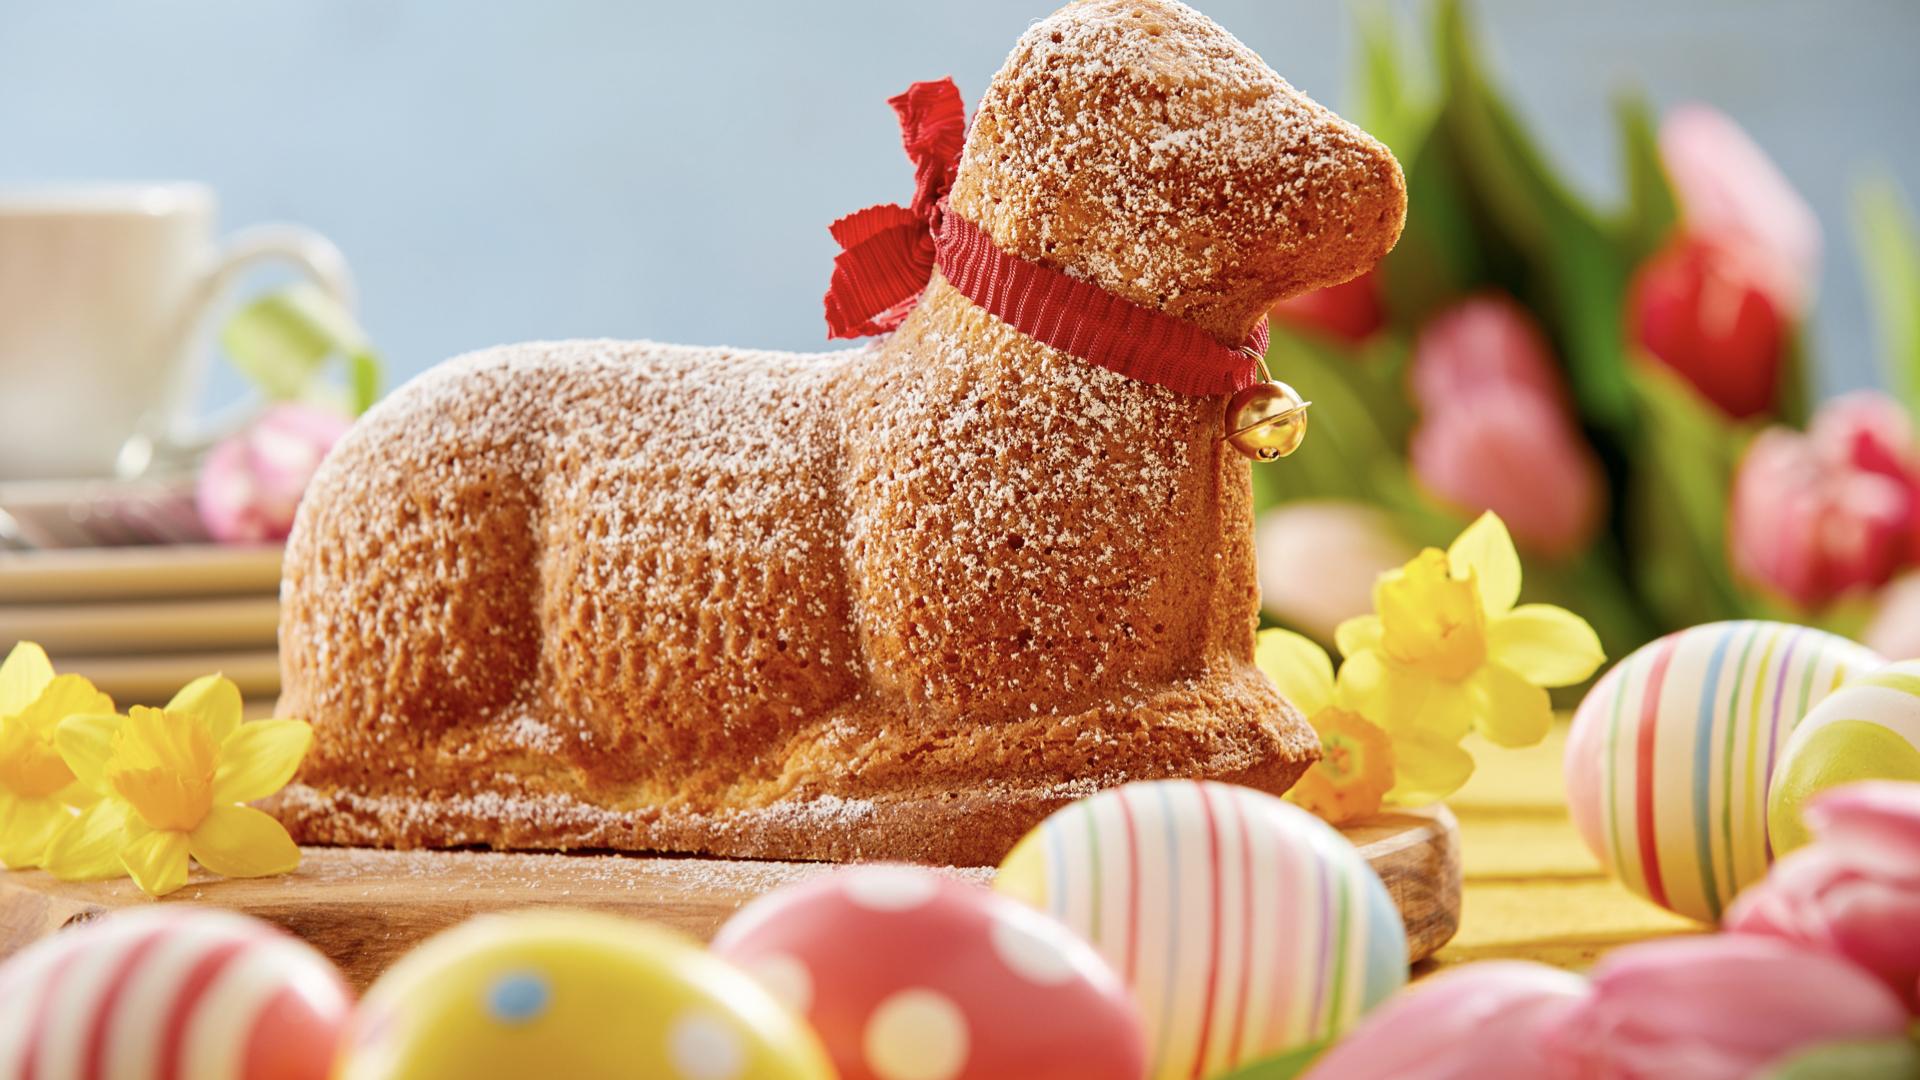 Schlank bleiben trotz Ostern? Kein Problem mit diesen 6 Tricks!